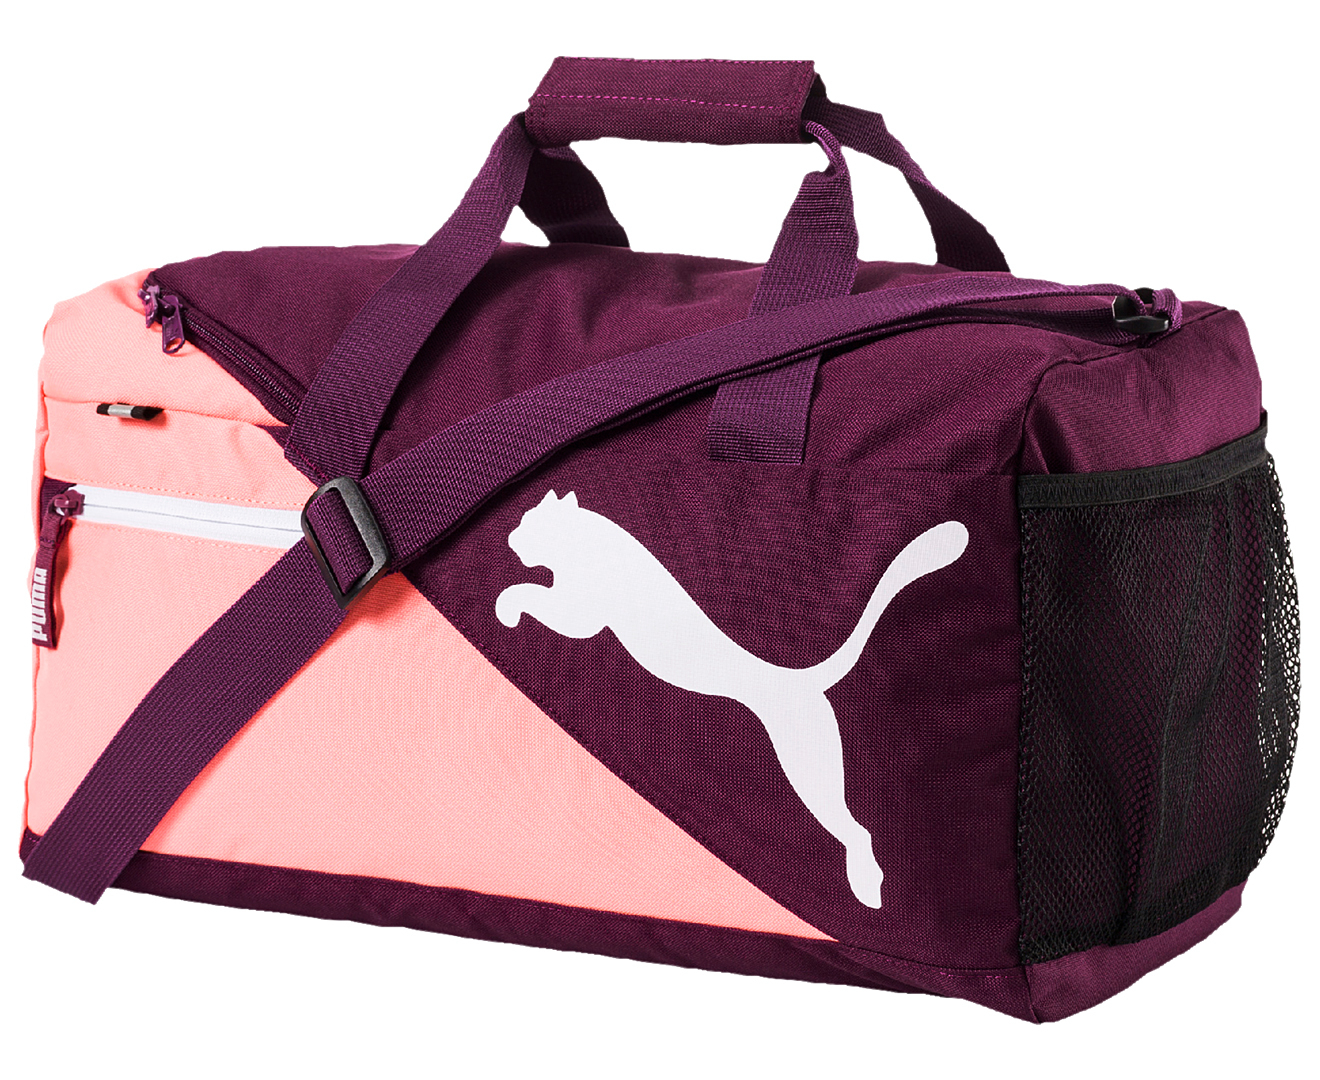 Puma Fundamentals Sports Bag Small - Dark Purple  cca8929046551